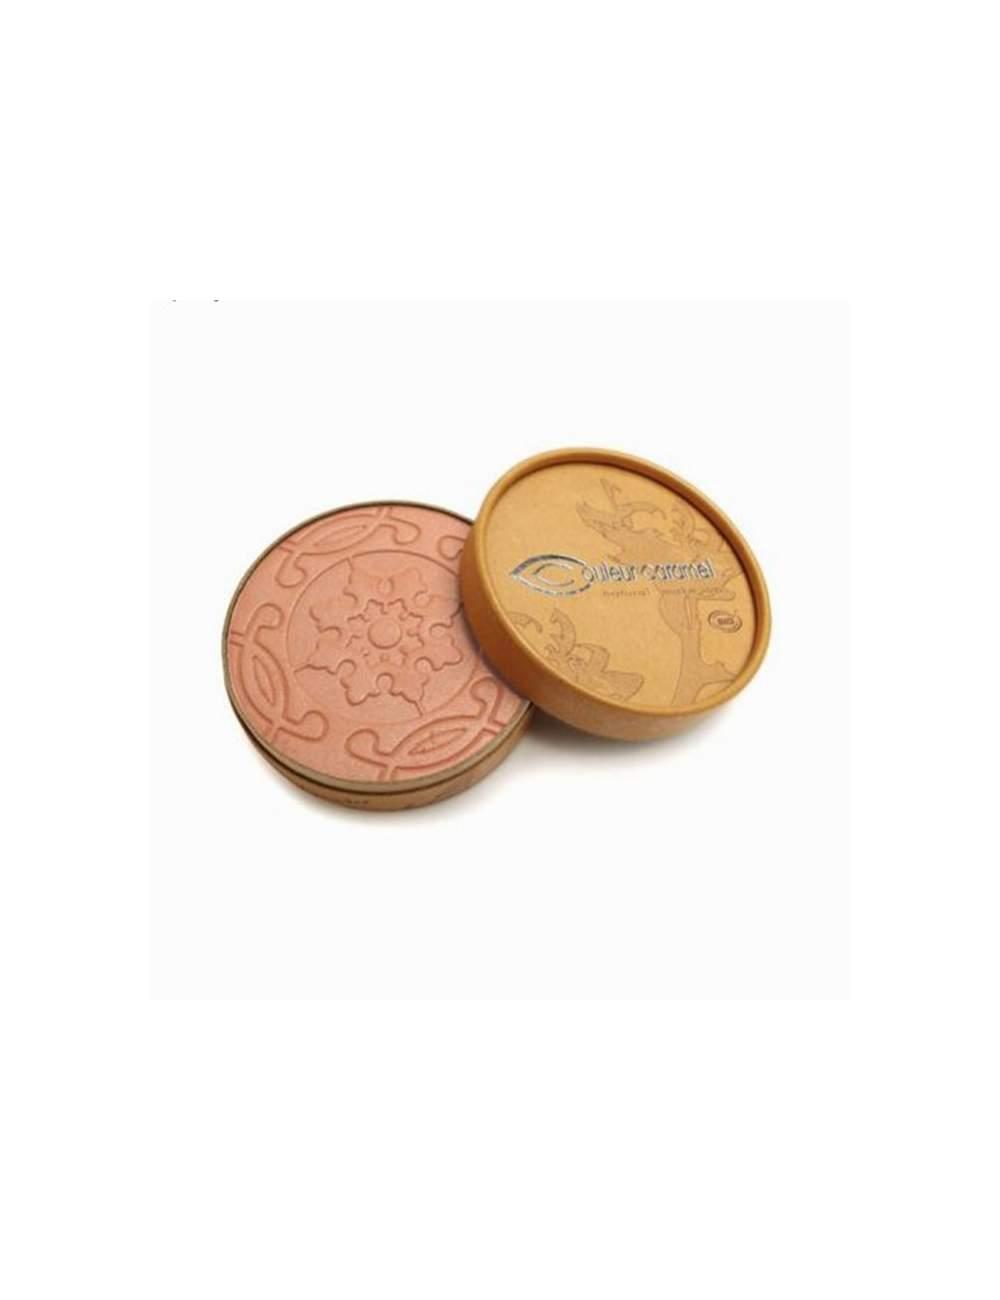 Polvos Bronceadores Bio Nacarados Terre Caramel 21 Rosy Brown. Couleur Caramel